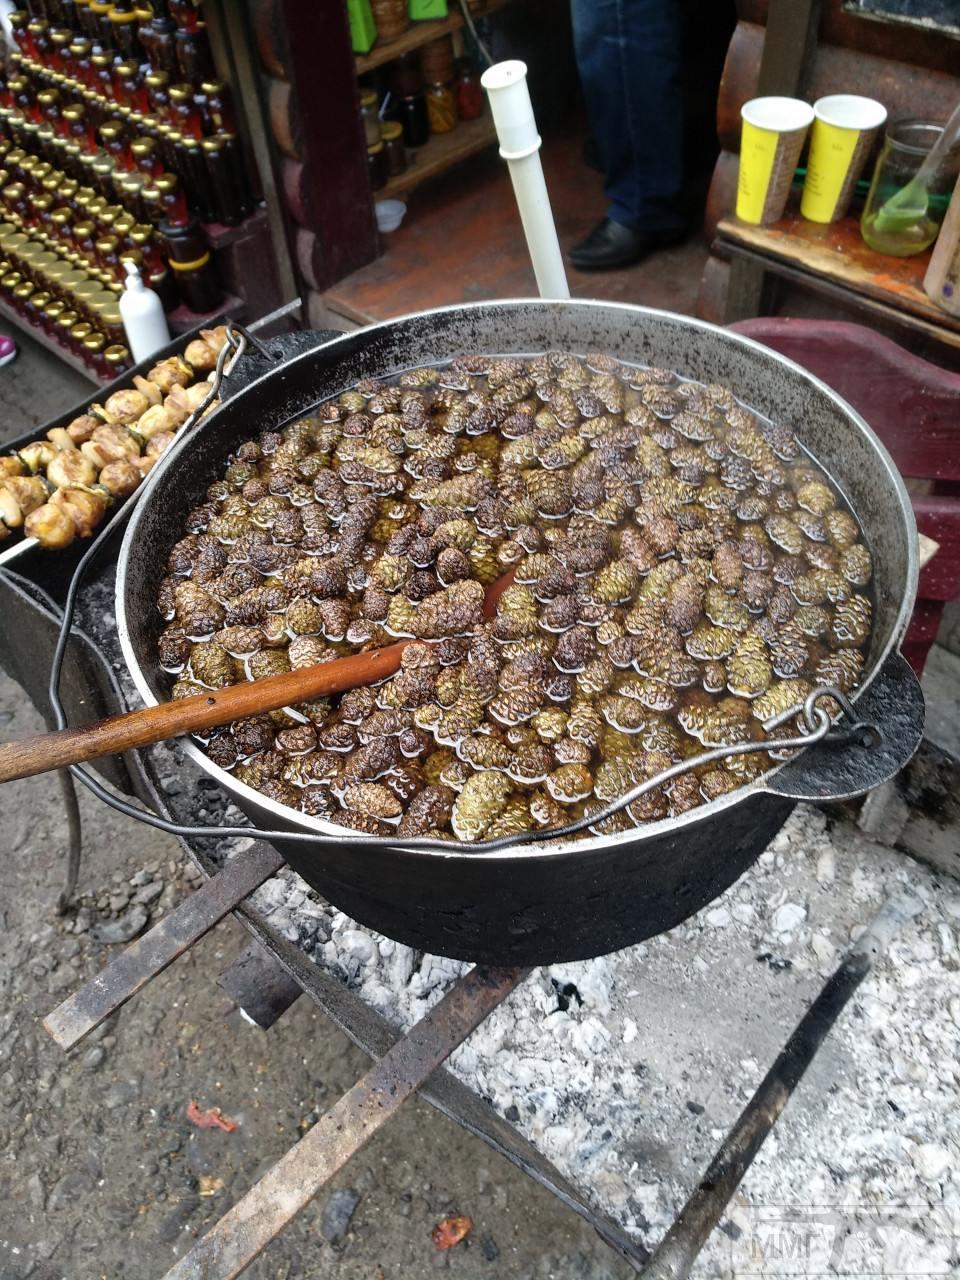 107221 - Закуски на огне (мангал, барбекю и т.д.) и кулинария вообще. Советы и рецепты.